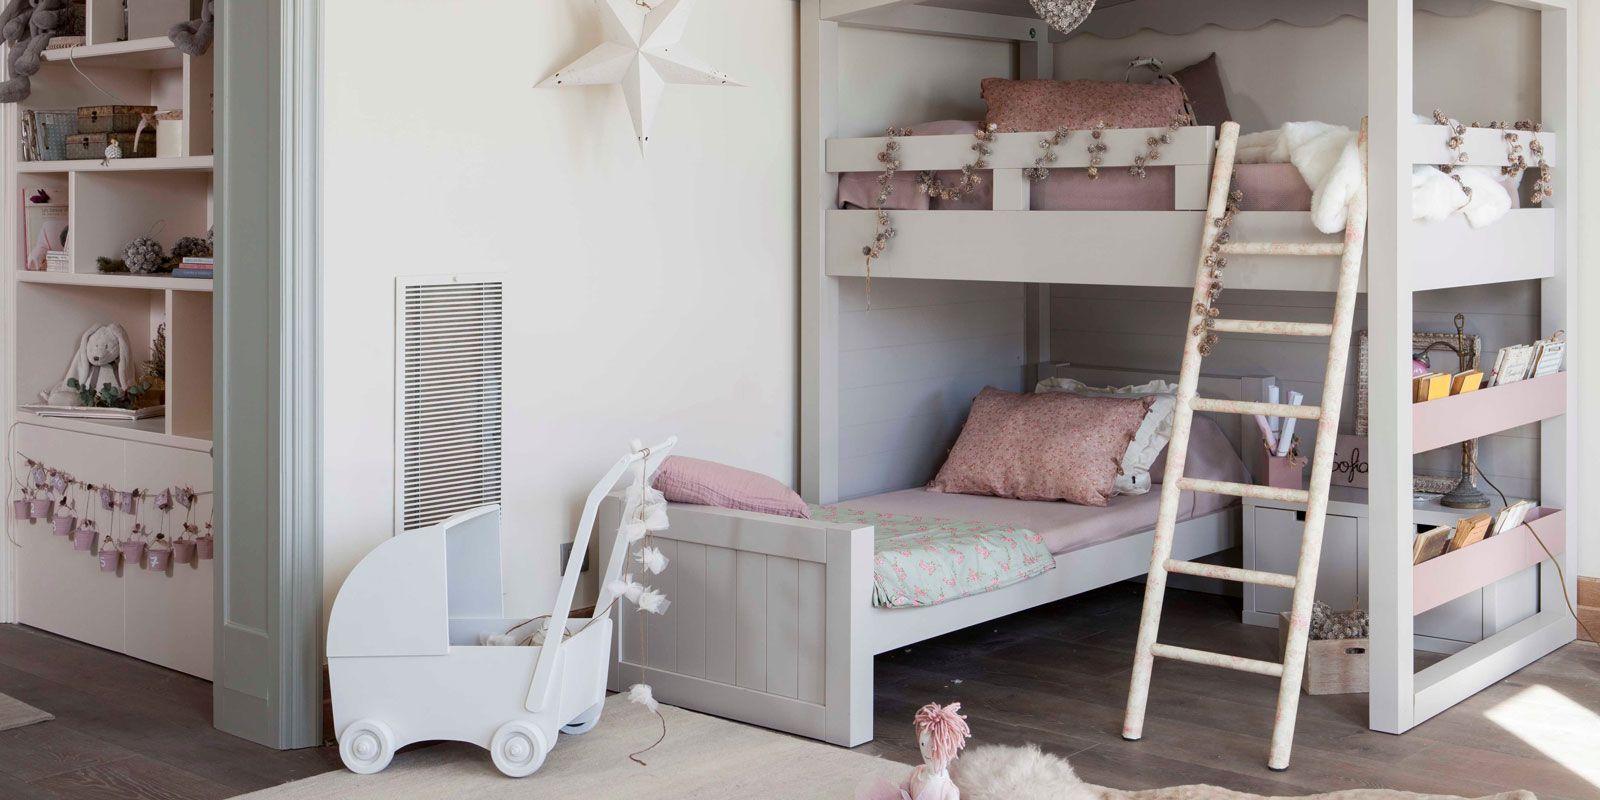 Decoracion De Habitaciones Infantiles Juveniles Y De Bebe Bona Nit - Imagenes-habitaciones-infantiles